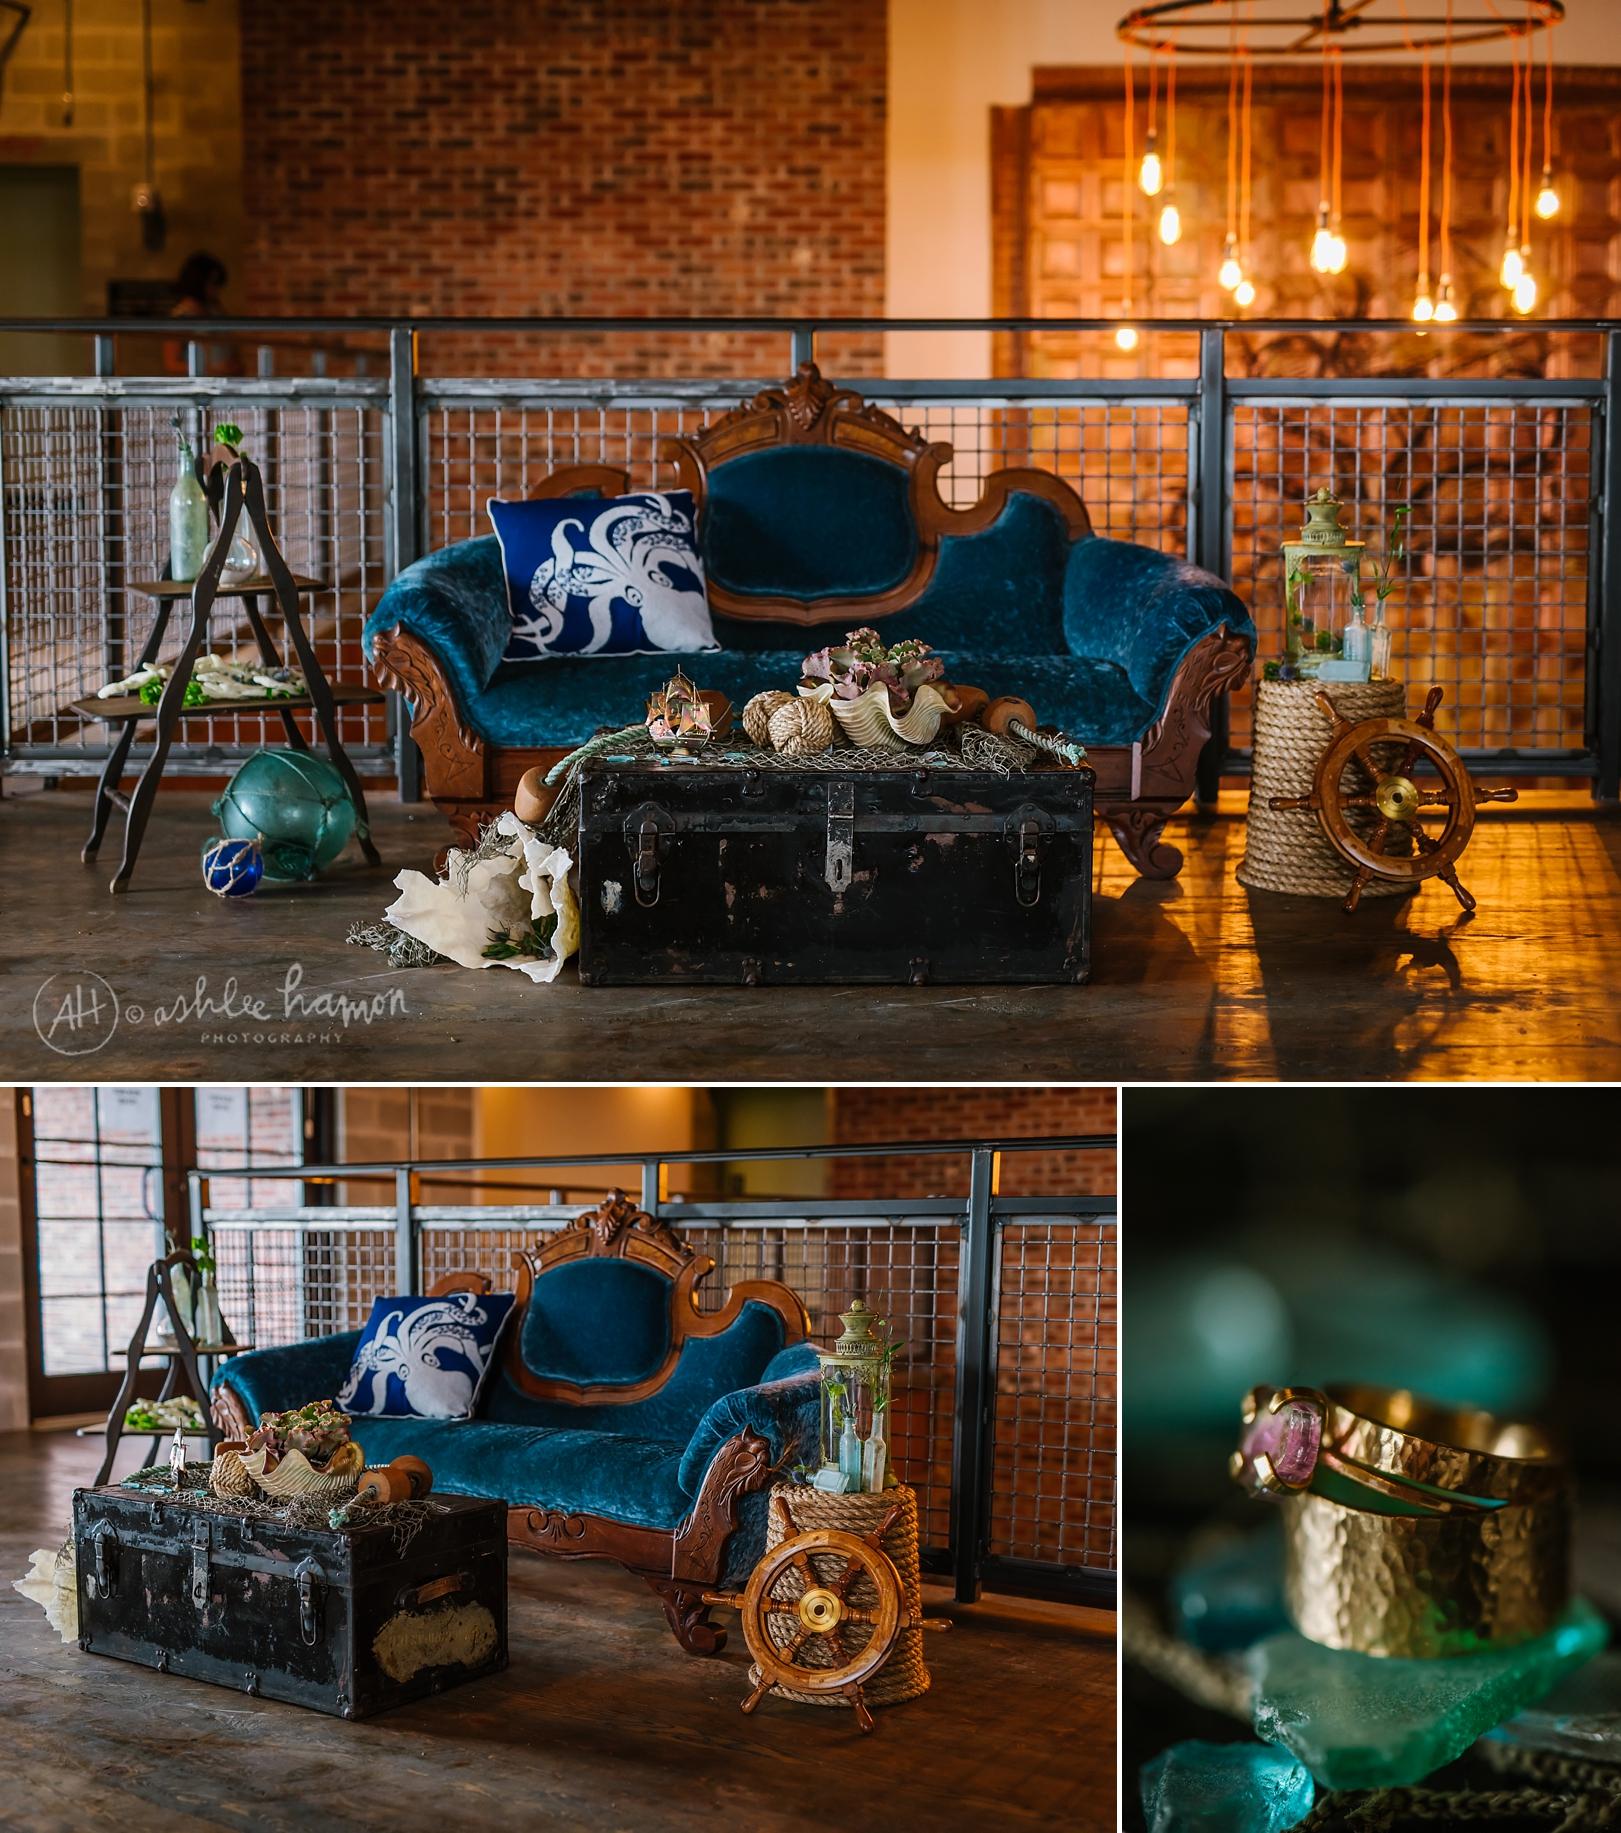 blue-nautical-brewery-unique-wedding-inspiration-photography-ashlee-hamon_0000.jpg